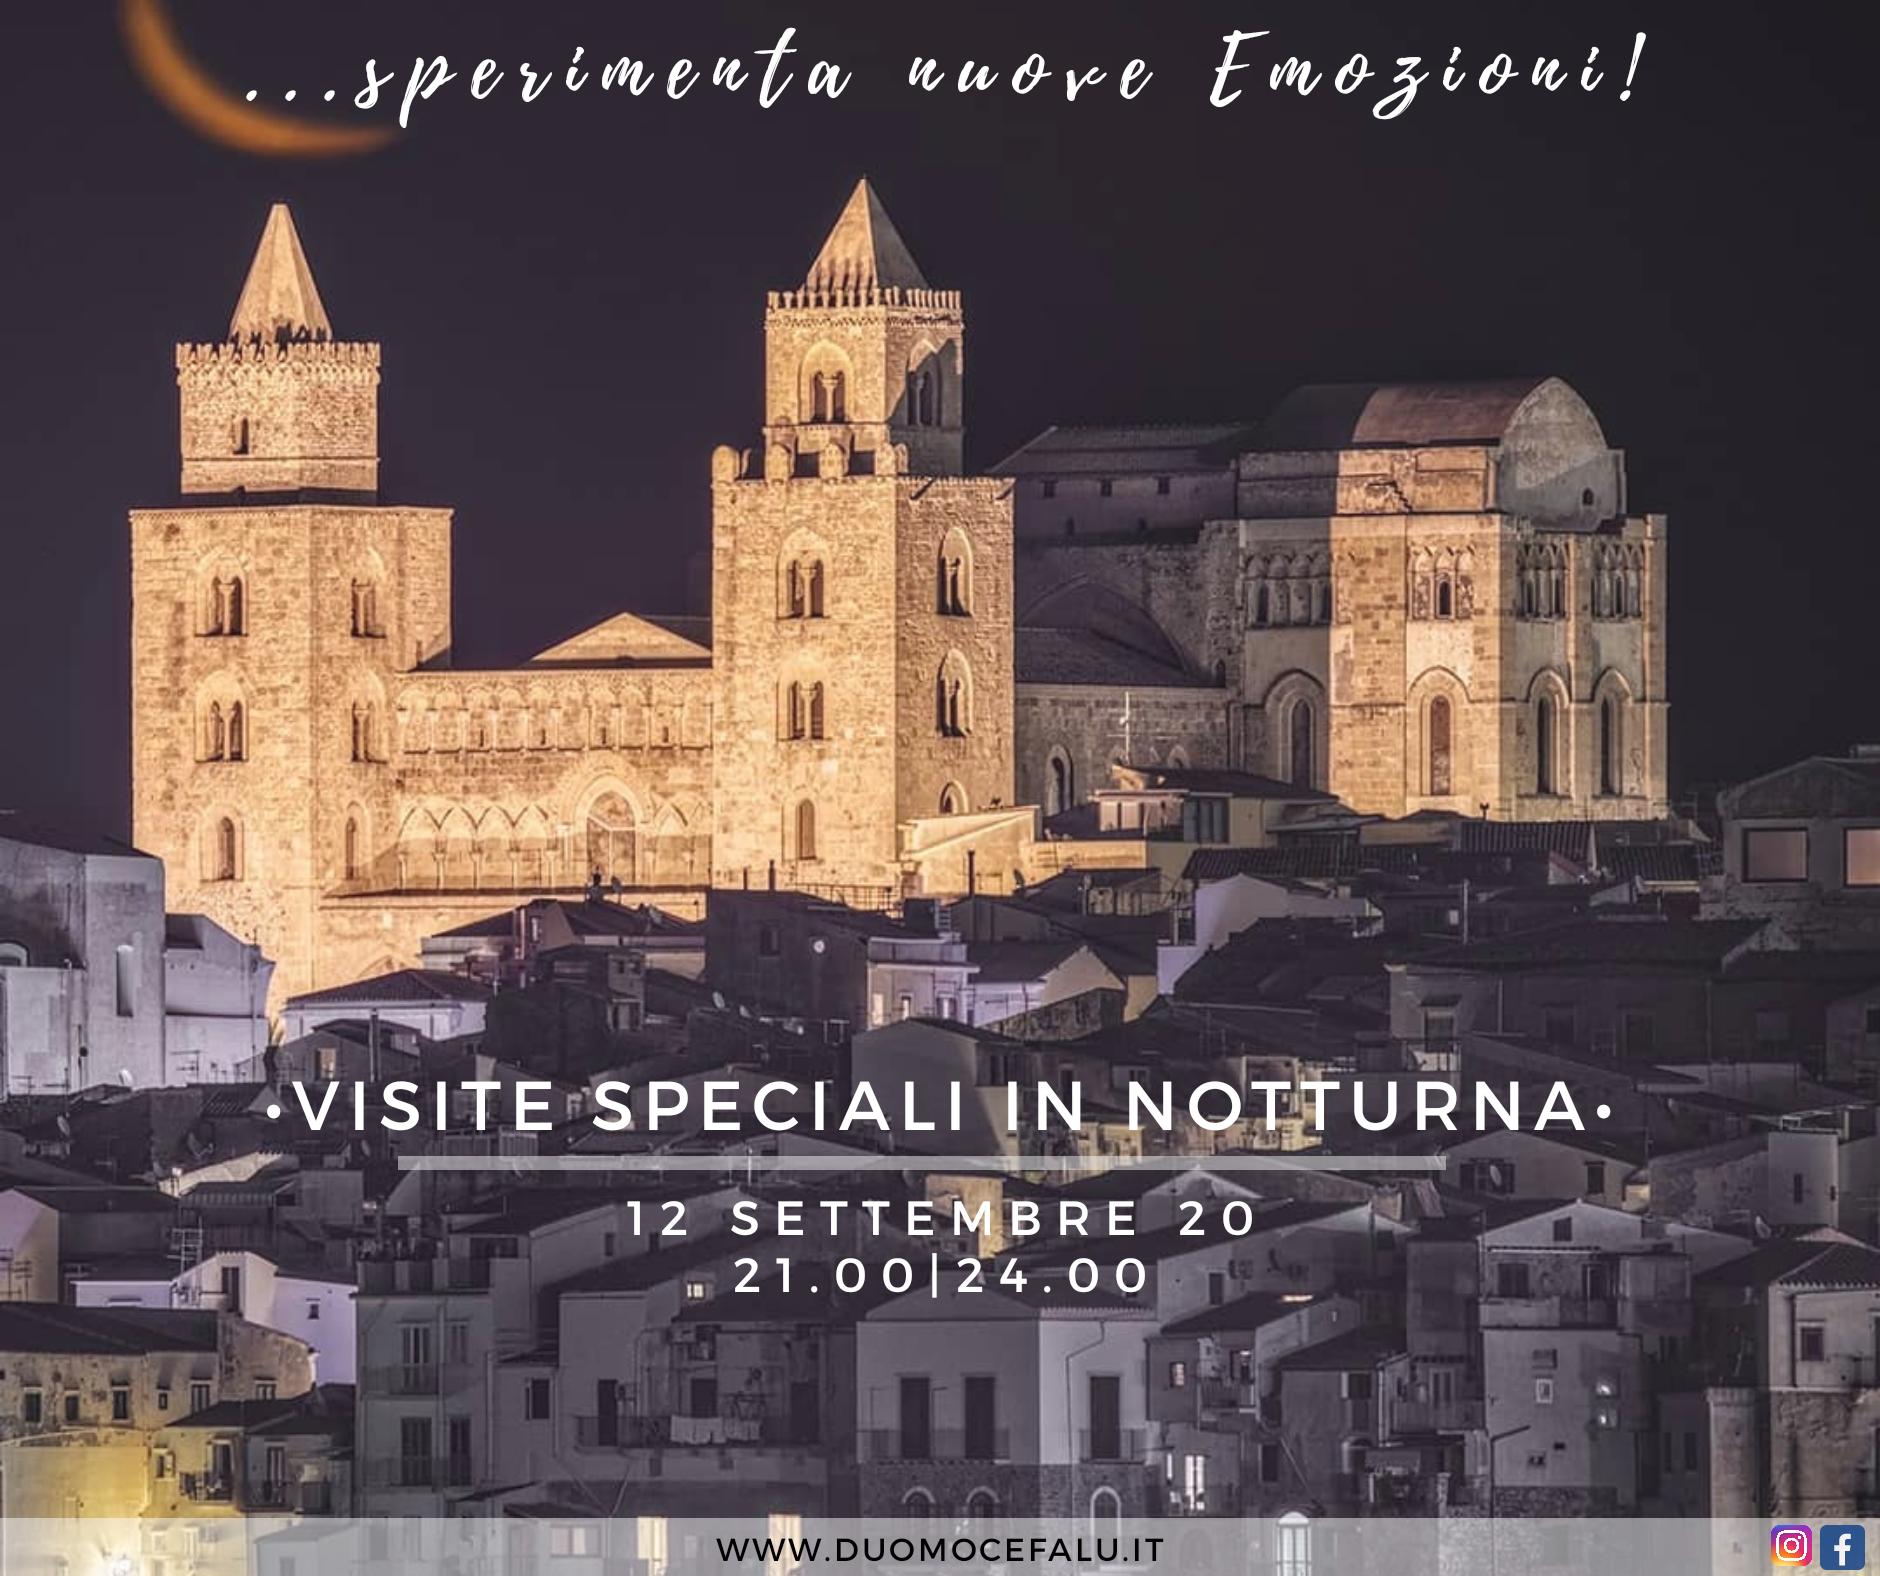 Torri della Cattedrale di Cefalù in notturna: altra occasione nel weekend